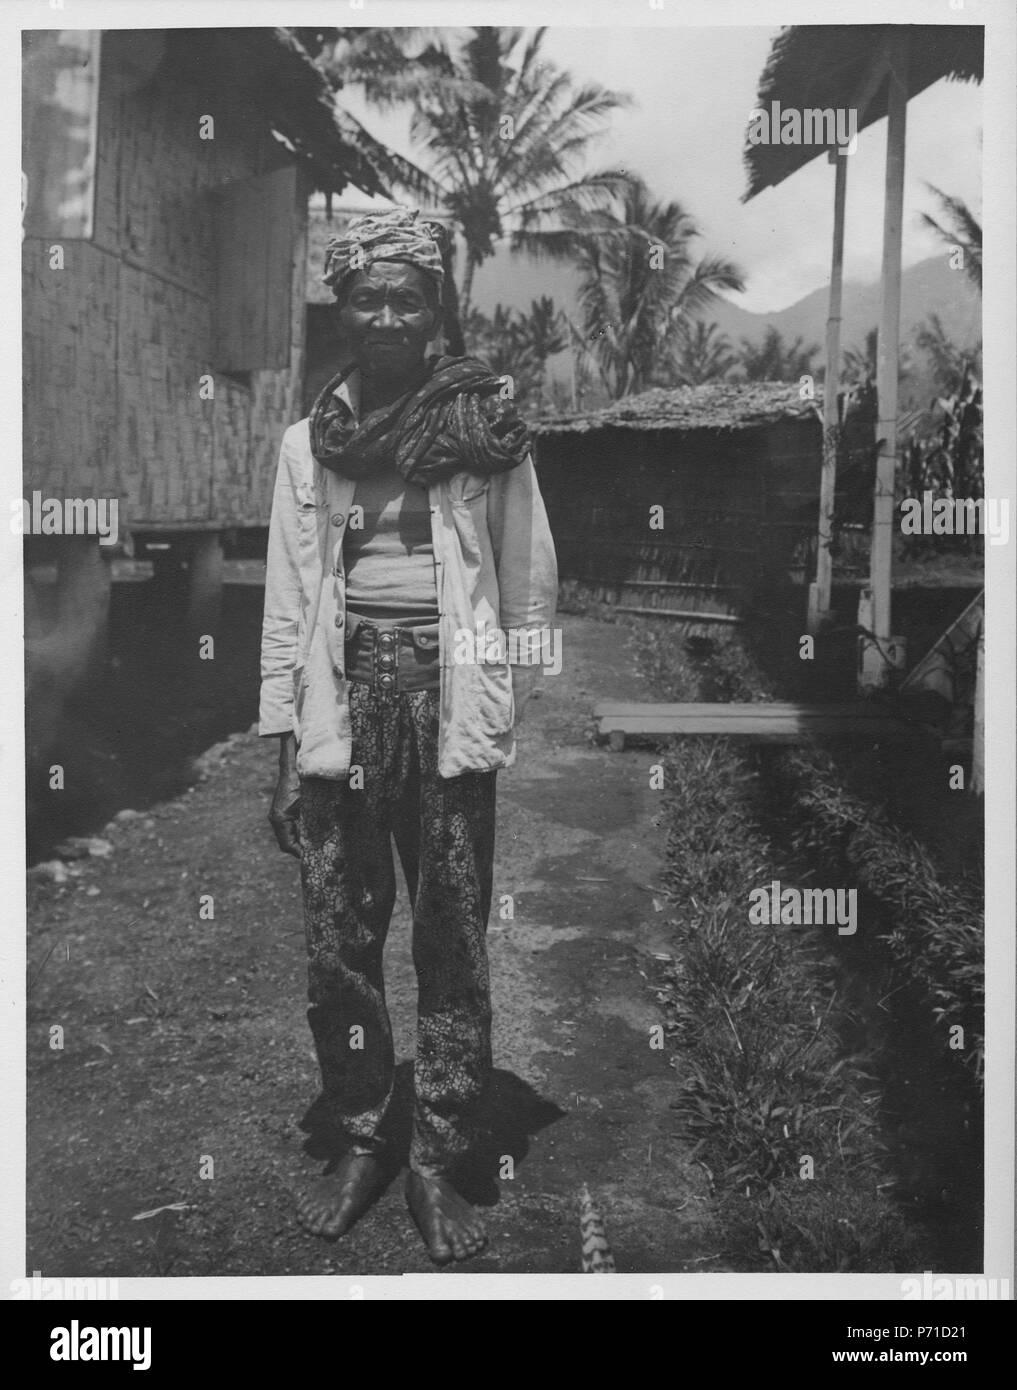 51 Sikona, en gammal Mongondou-man. Kabupaten Bolaang Mongondow, Sulawesi. Indonesien - SMVK - 000309 - Stock Image